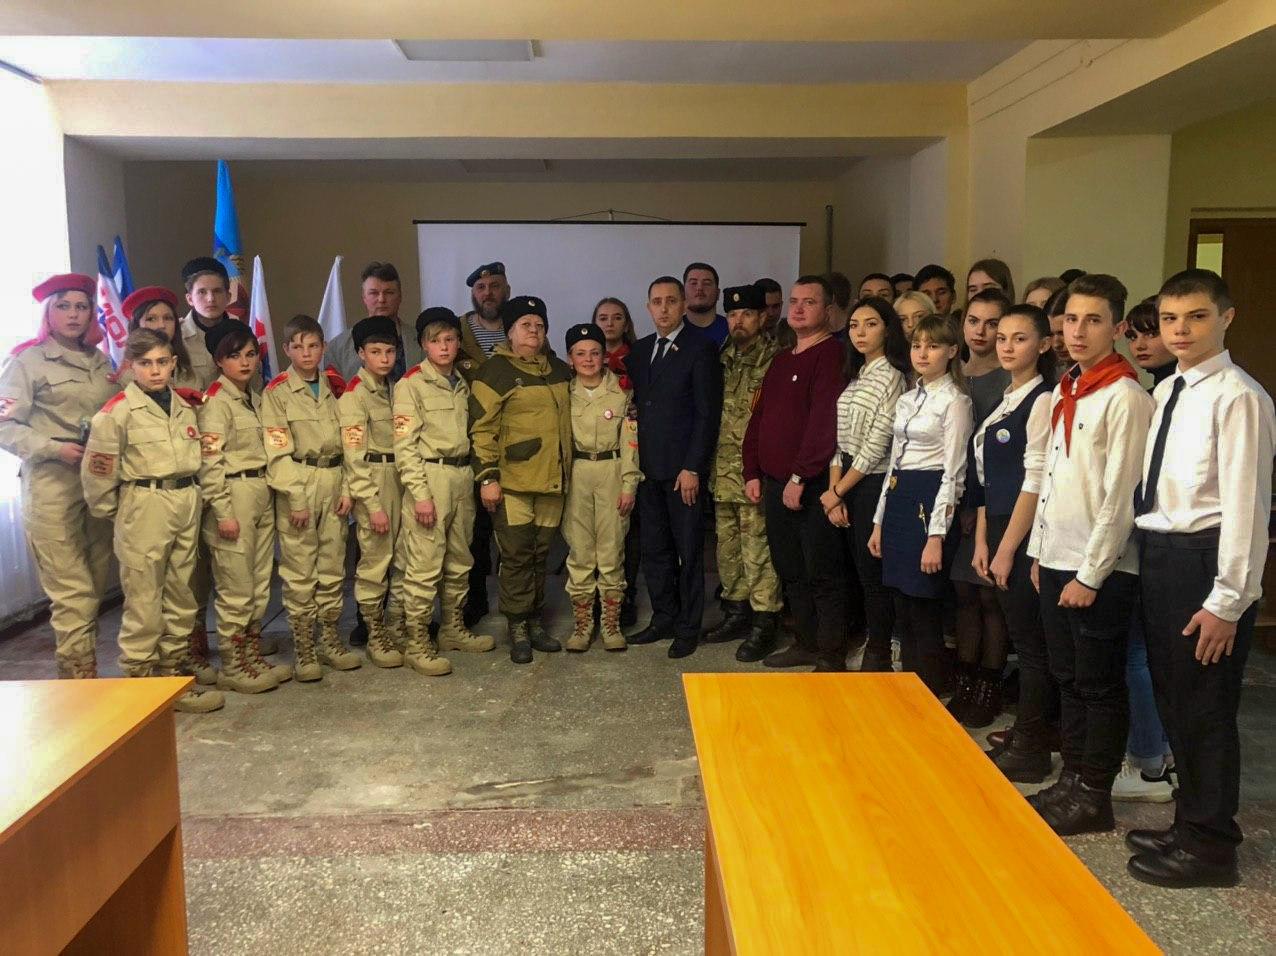 В Стаханове состоялась встреча, посвященная пятой годовщине Чернухино-Дебальцевской операции 3